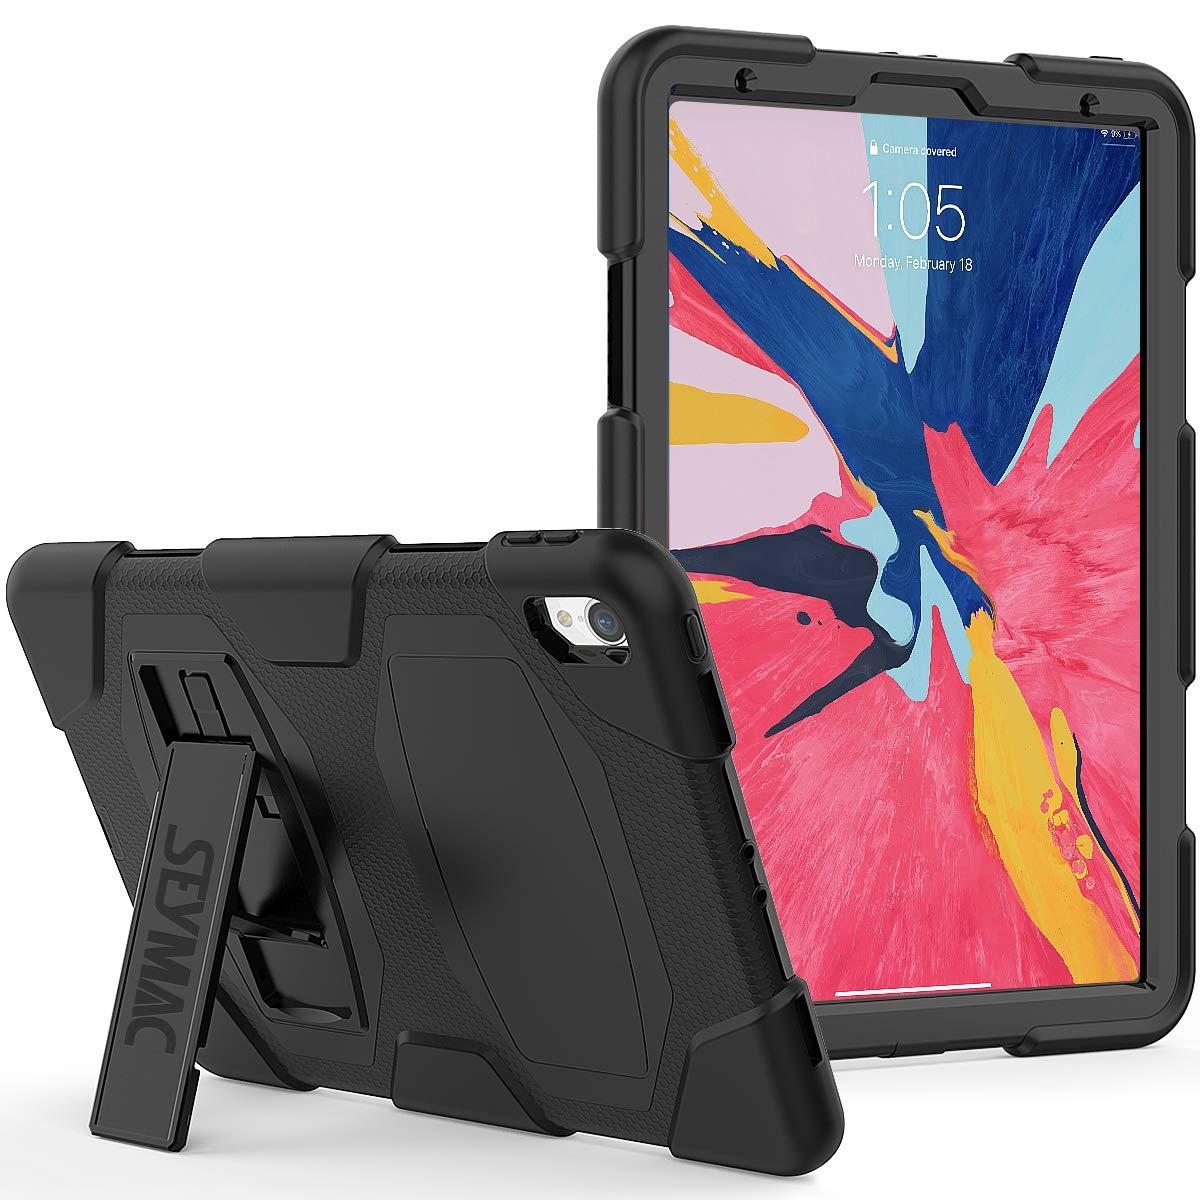 新着 SEYMACケース iPad Pro 11インチ 2018年モデル対応 2018年モデル対応 Pro フルボディ 頑丈 耐衝撃 落下保護 iPad バンパーケース キックスタンド付き iPad Pro 11インチ [A1980 A1934 A2013] ブラック Y1IPpro11fu ブラック B07L93TWZ8, 学研アソシエ代理店 サインポスト:ac2bac35 --- a0267596.xsph.ru